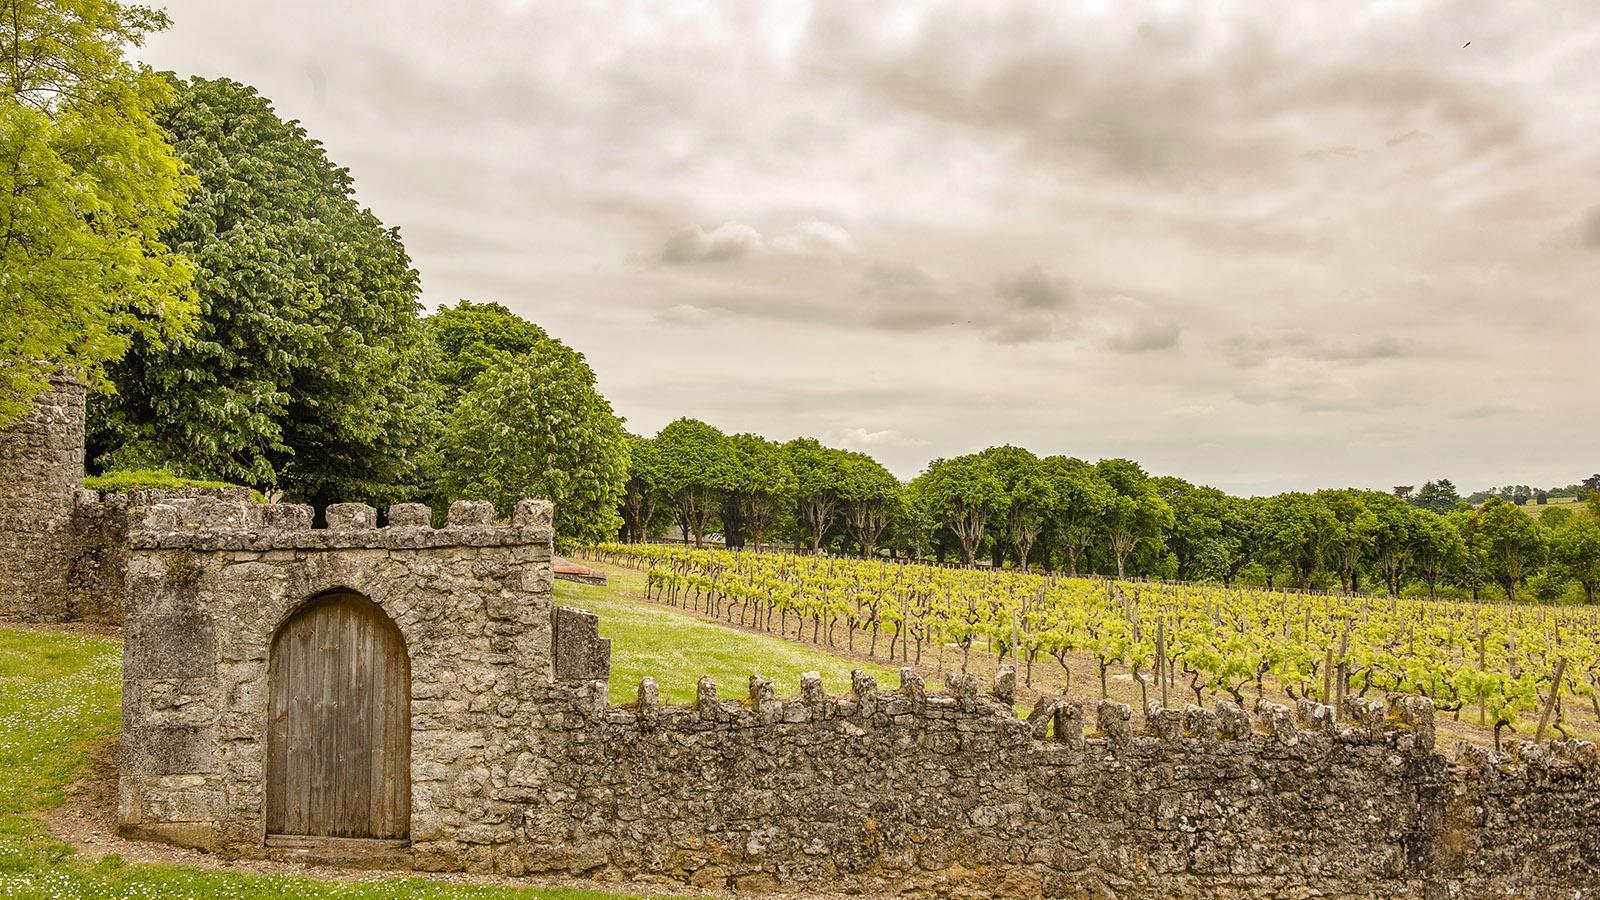 Bourg-Charente: Weinberg von Grand-Marnier. Foto: Hilke Maunder